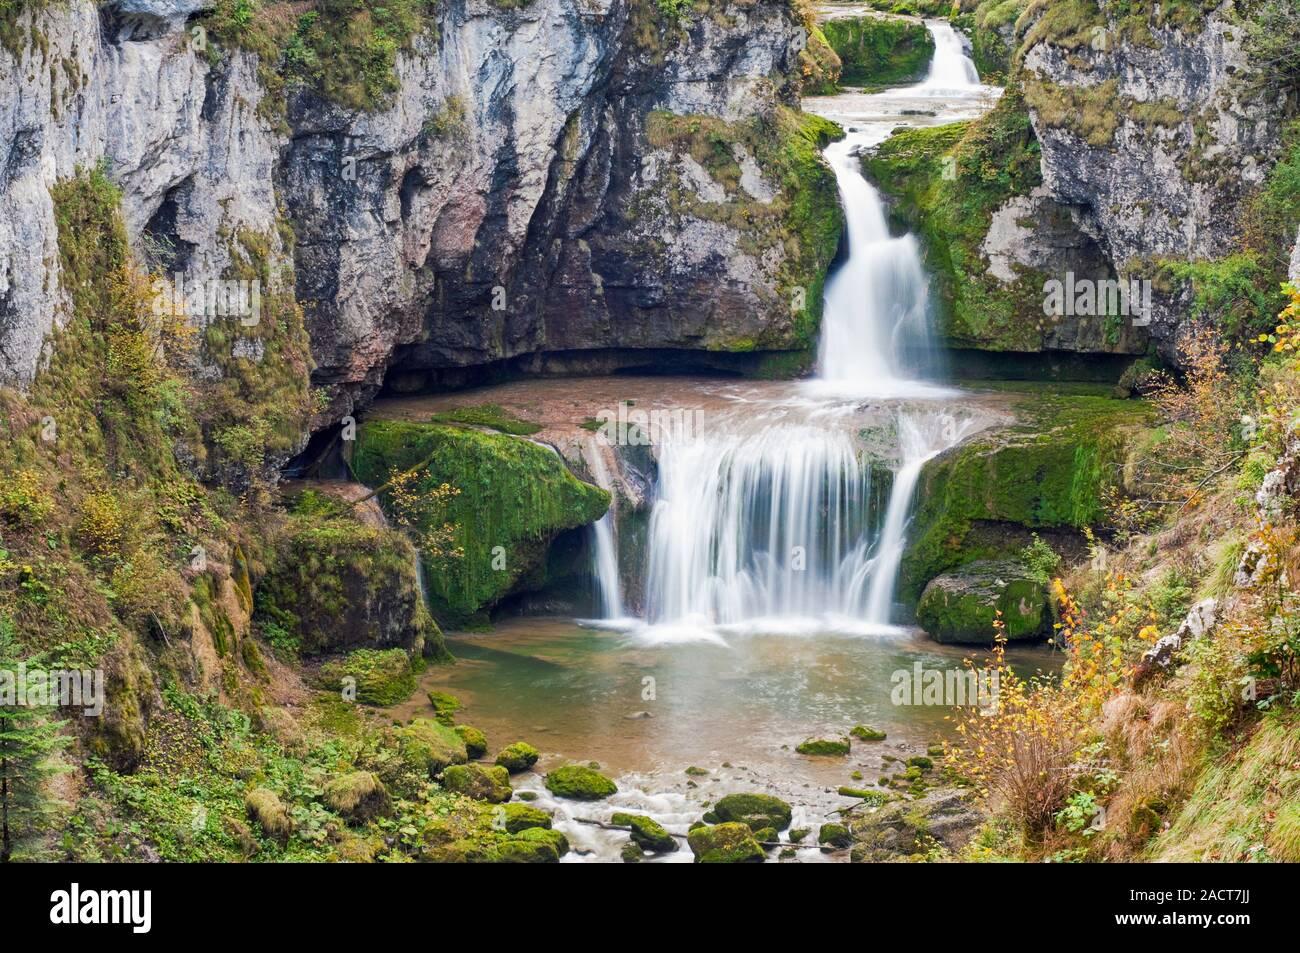 Cascade de la Billaude, Vaudioux, Jura (39), Bourgogne-Franche-Comte, France. La rivière Lemme 28 m en 2 sauts successifs pour former la cascade Banque D'Images